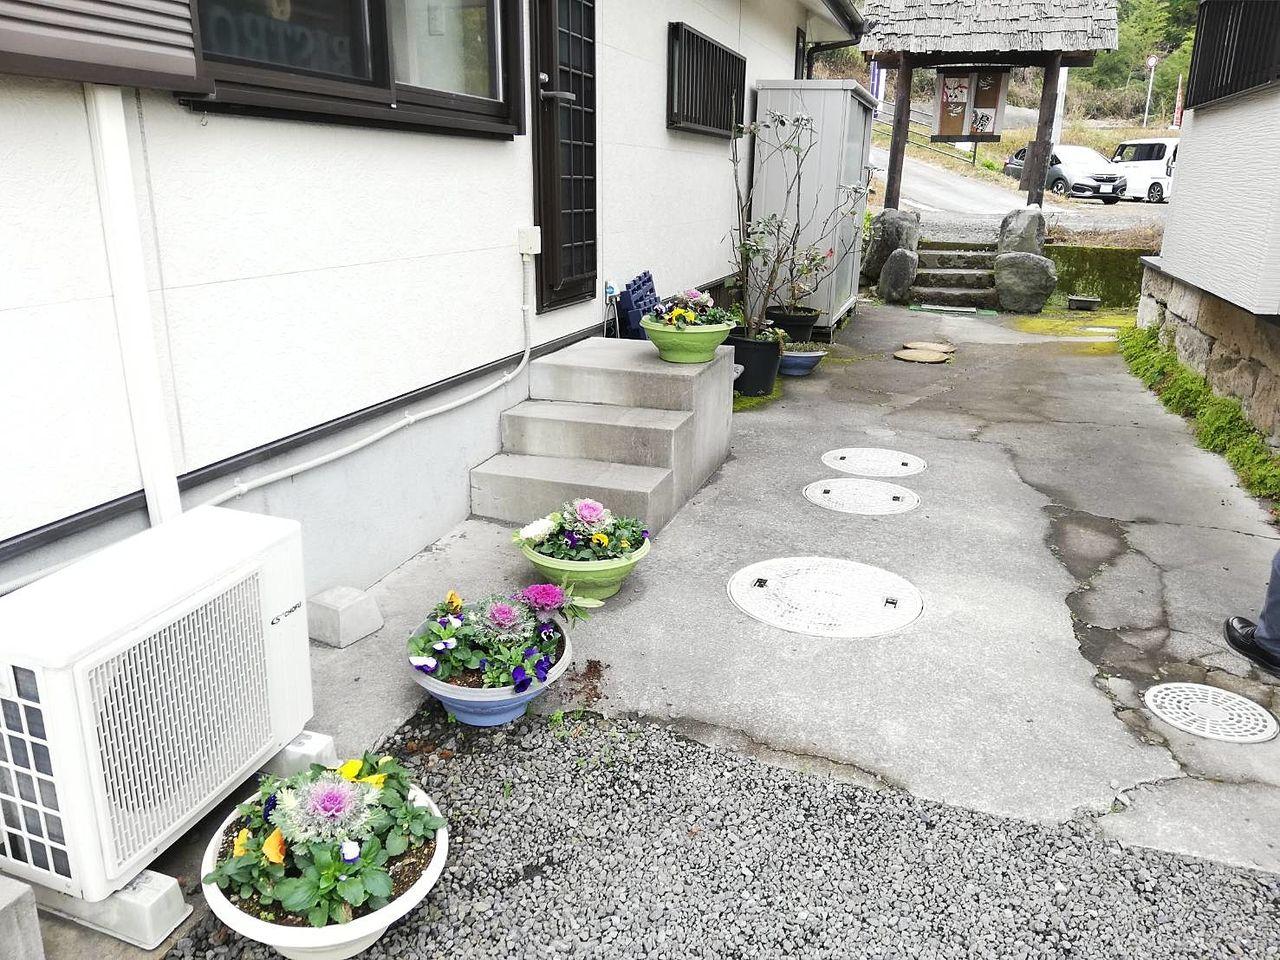 霧島市隼人町小浜「KITCHEN Q」キッチンキューの駐車場からの通路です。